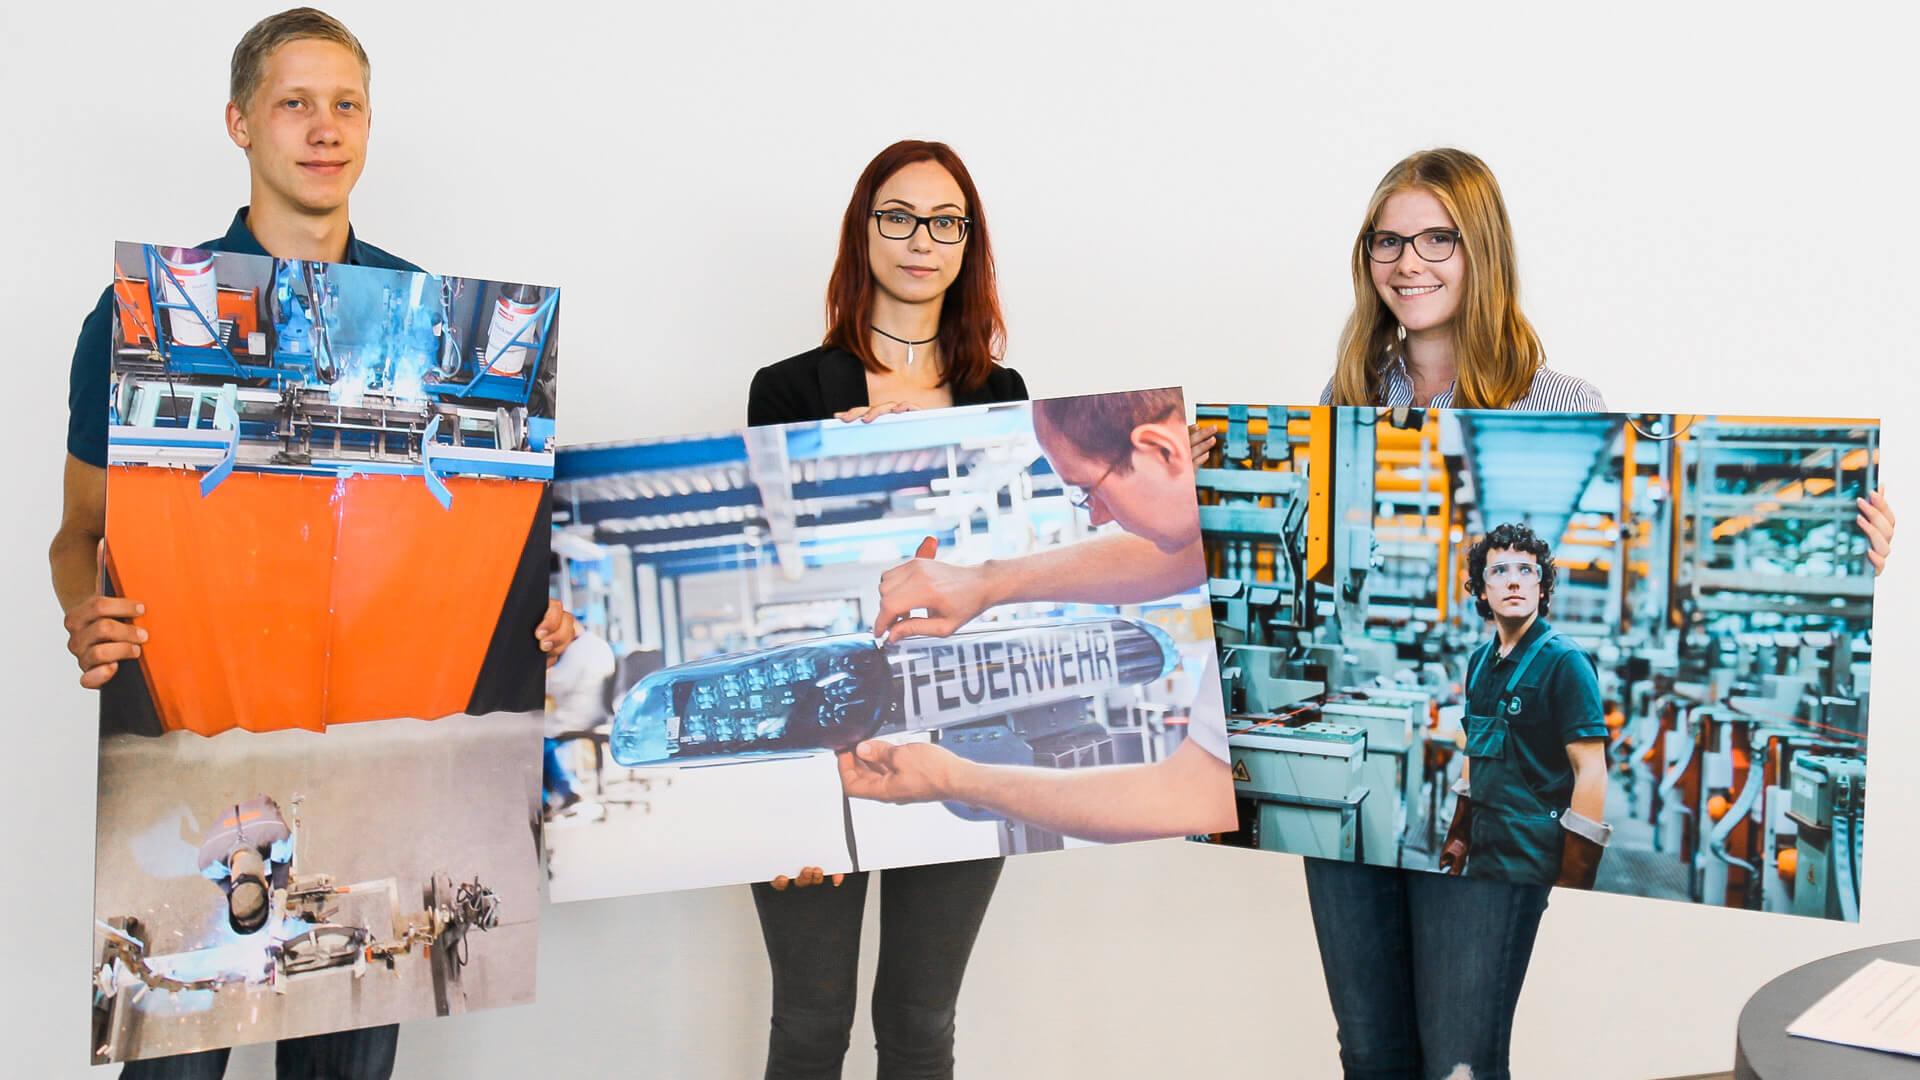 Siegerin bei Fotowettbewerb kommt von Kesseböhmer